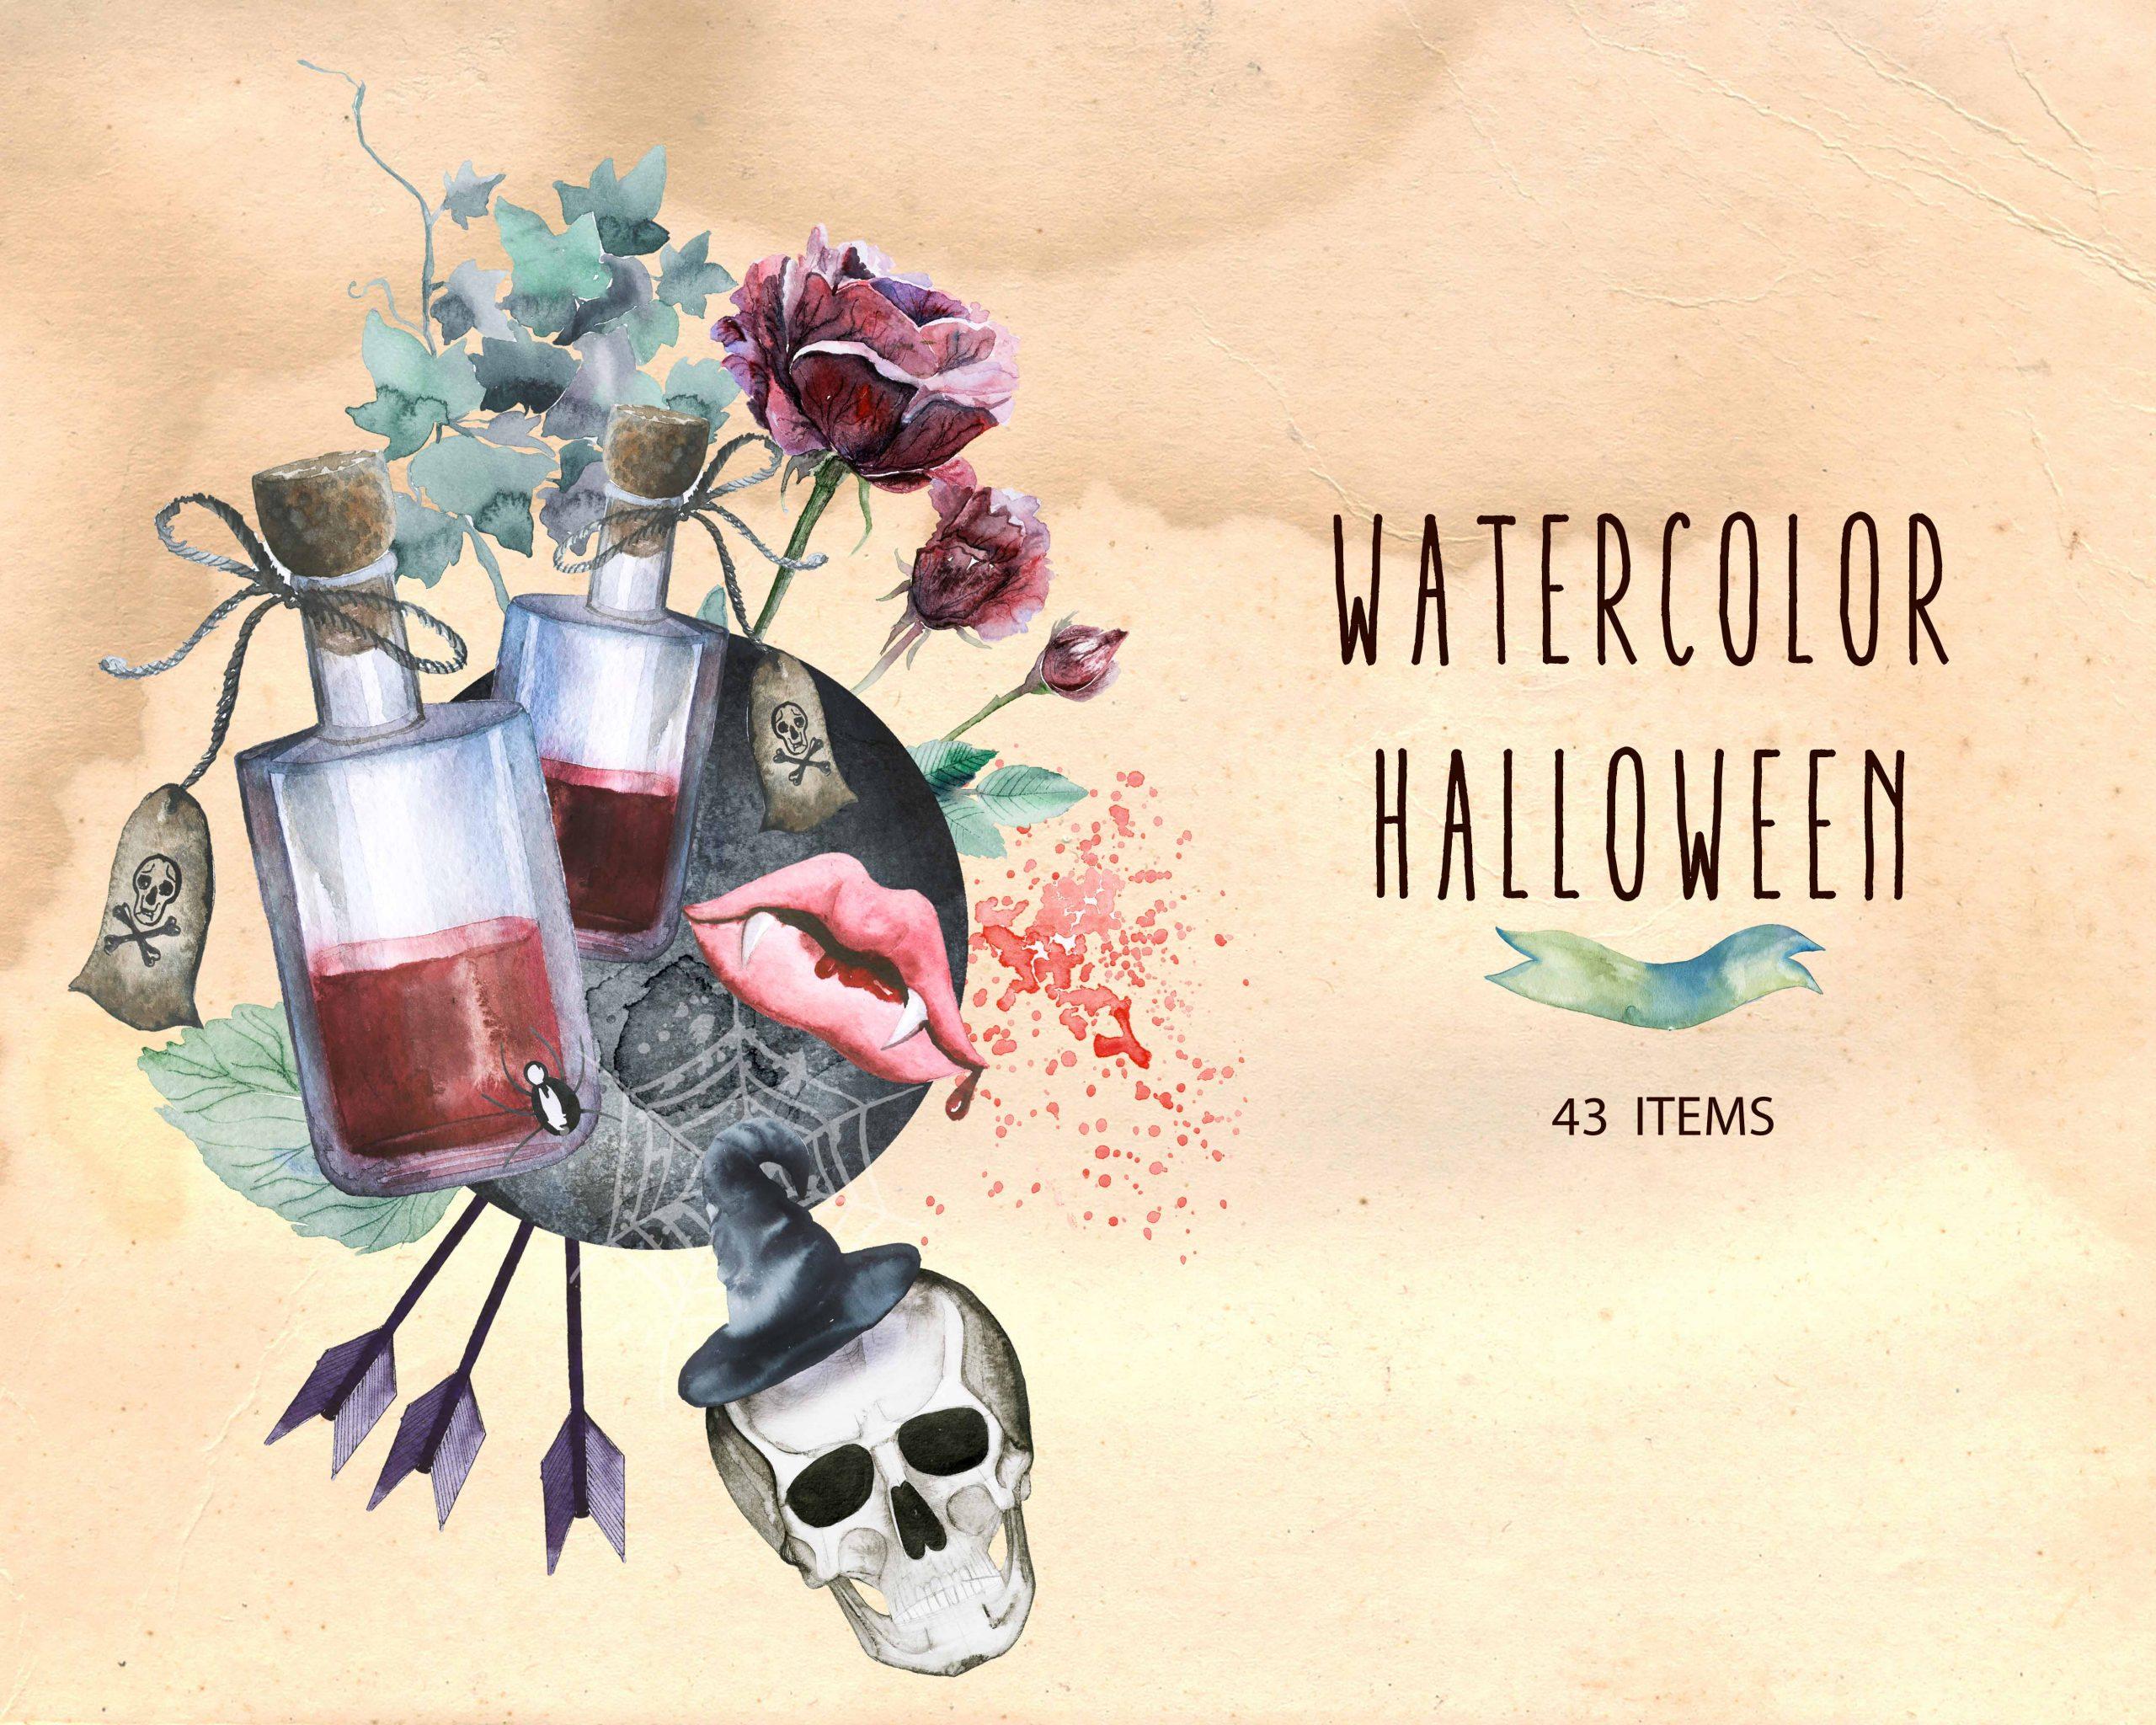 Spooky Vector Images - 43 Watercolor Halloween